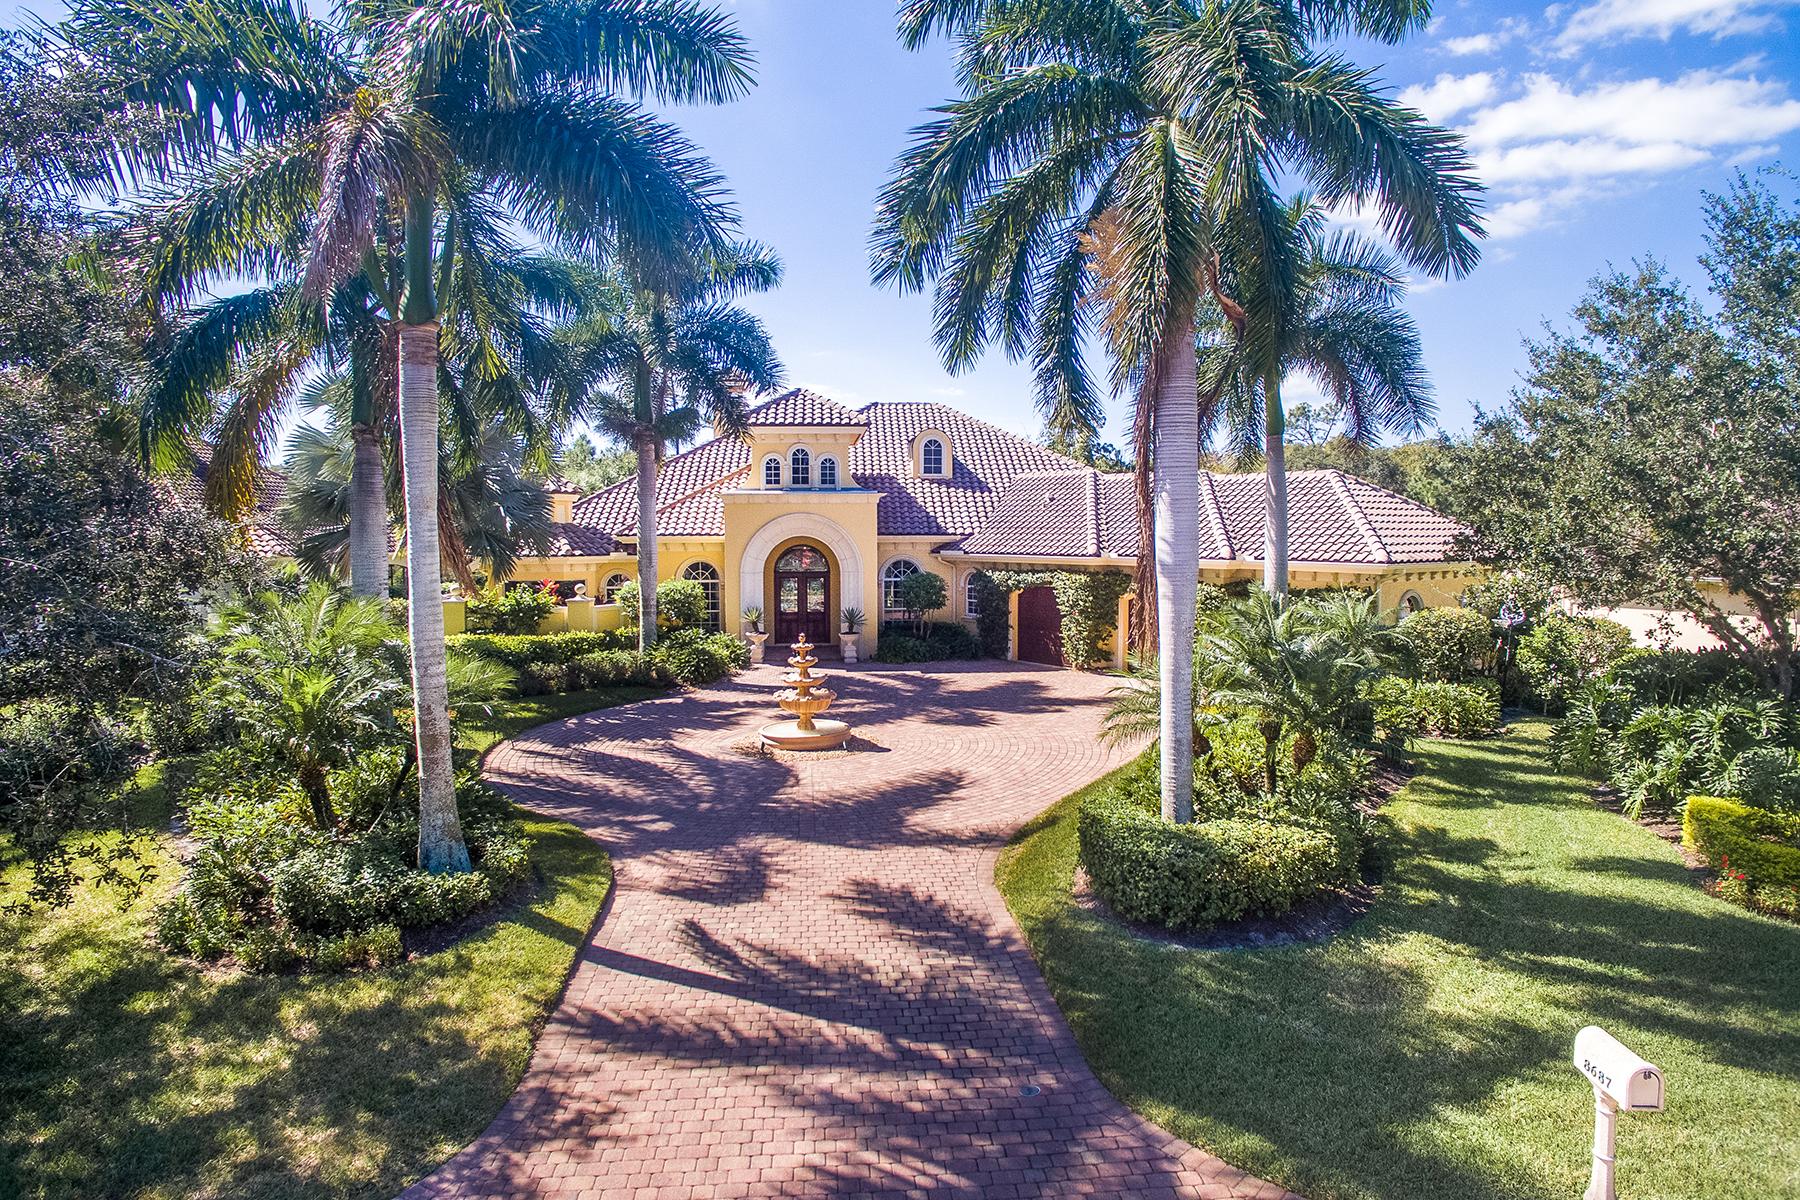 단독 가정 주택 용 매매 에 PELICAN MARSH - BAY LAUREL ESTATES 8687 Purslane Dr Naples, 플로리다, 34109 미국